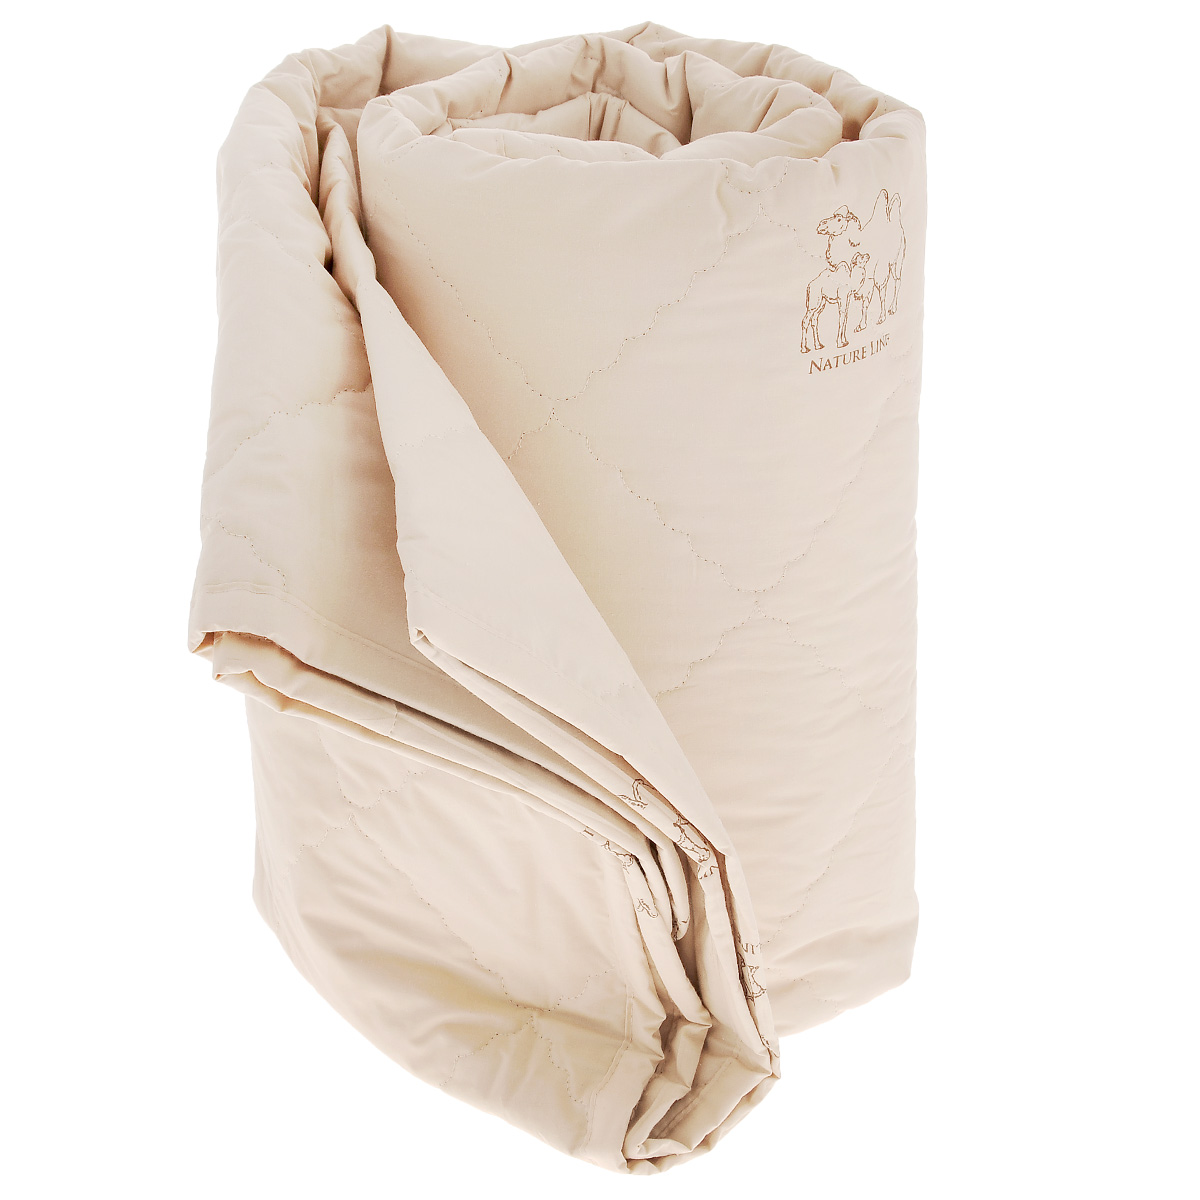 Одеяло La Prima Верблюжья шерсть, наполнитель: верблюжья шерсть, полиэфирное волокно, цвет: темно-бежевый, 200 см х 220 смCLP446Одеяло La Prima Верблюжья шерсть - это выбор тех, кто заботится о своем здоровье, поскольку оно отличается не только теплотой и мягкостью, но и своими целебными свойствами. Чехол выполнен из 100% хлопка. Наполнитель - с натуральной верблюжьей шерстью. Одеяло из верблюжьей шерсти подарит вам абсолютный комфорт во время сна, так как оказывает положительное влияние на организм человека. Оно создает эффект сухого тепла, прогревая мышцы и суставы, успокаивает и снимает усталость. Одеяло из верблюжьей шерсти теплее, прочнее и при одинаковом объеме значительно легче овечьей шерсти. Оно гипоаллергенно и рекомендовано для профилактики и лечения многих заболеваний. Материал чехла: 100% хлопок. Наполнитель: верблюжья шерсть, полиэфирное волокно.